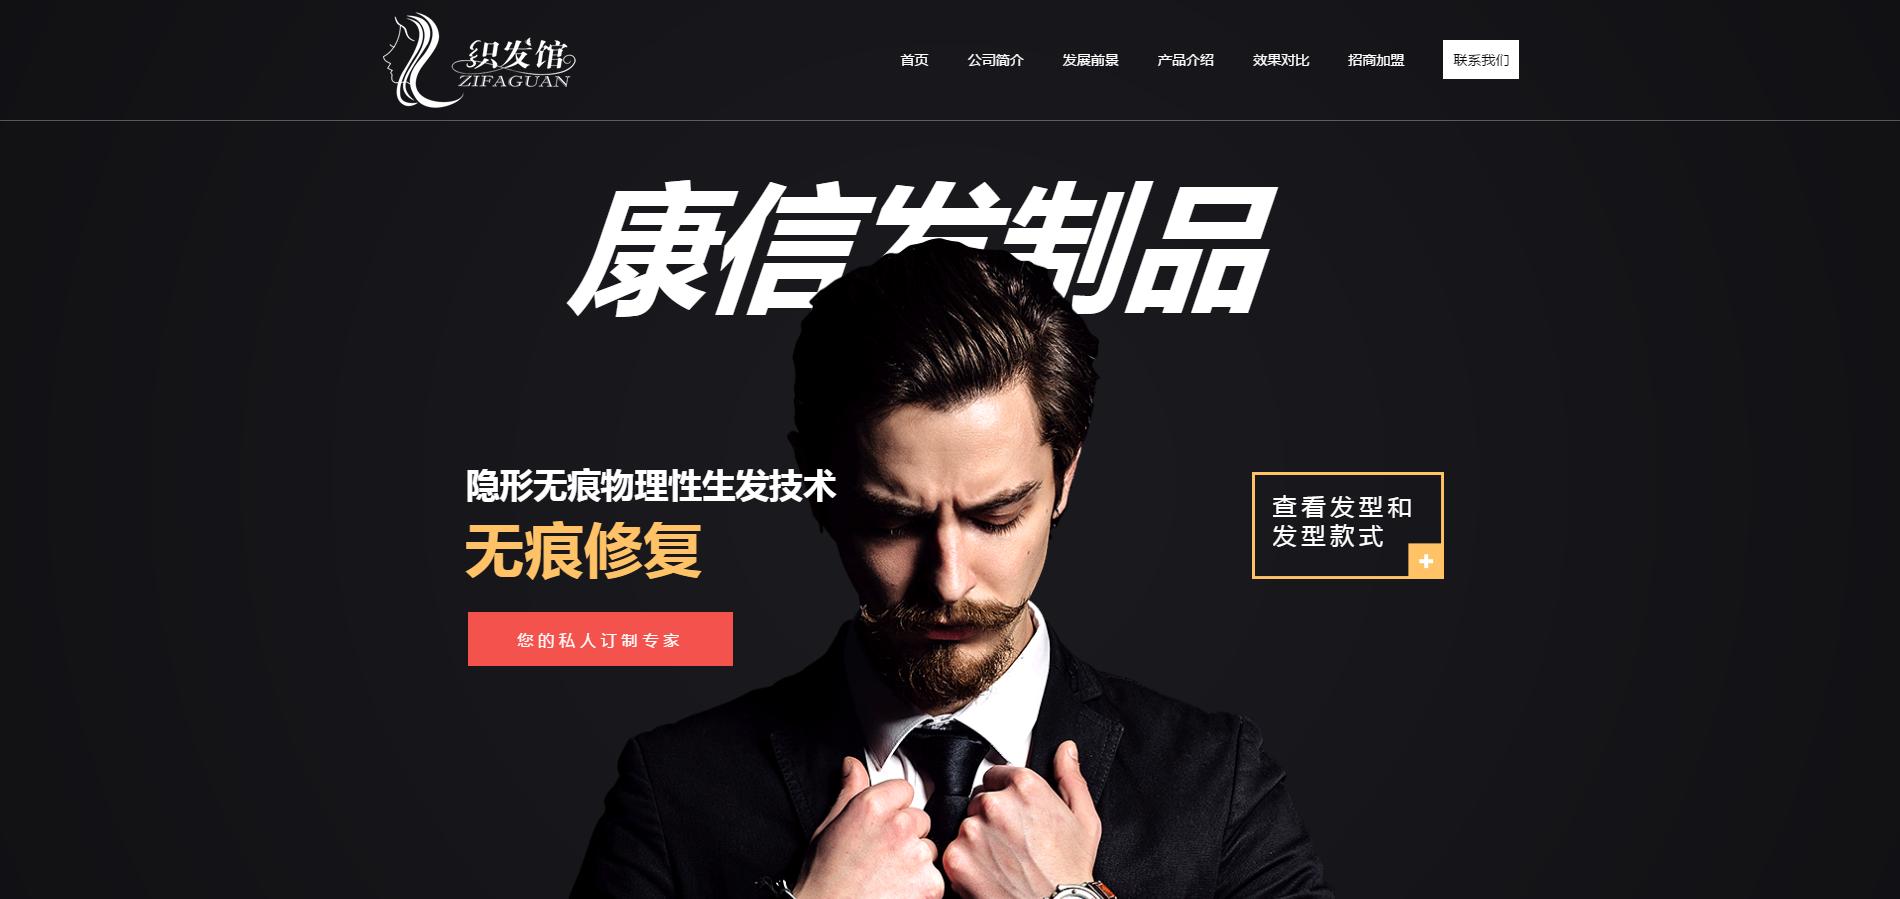 美容美发发型设计企业网站模板